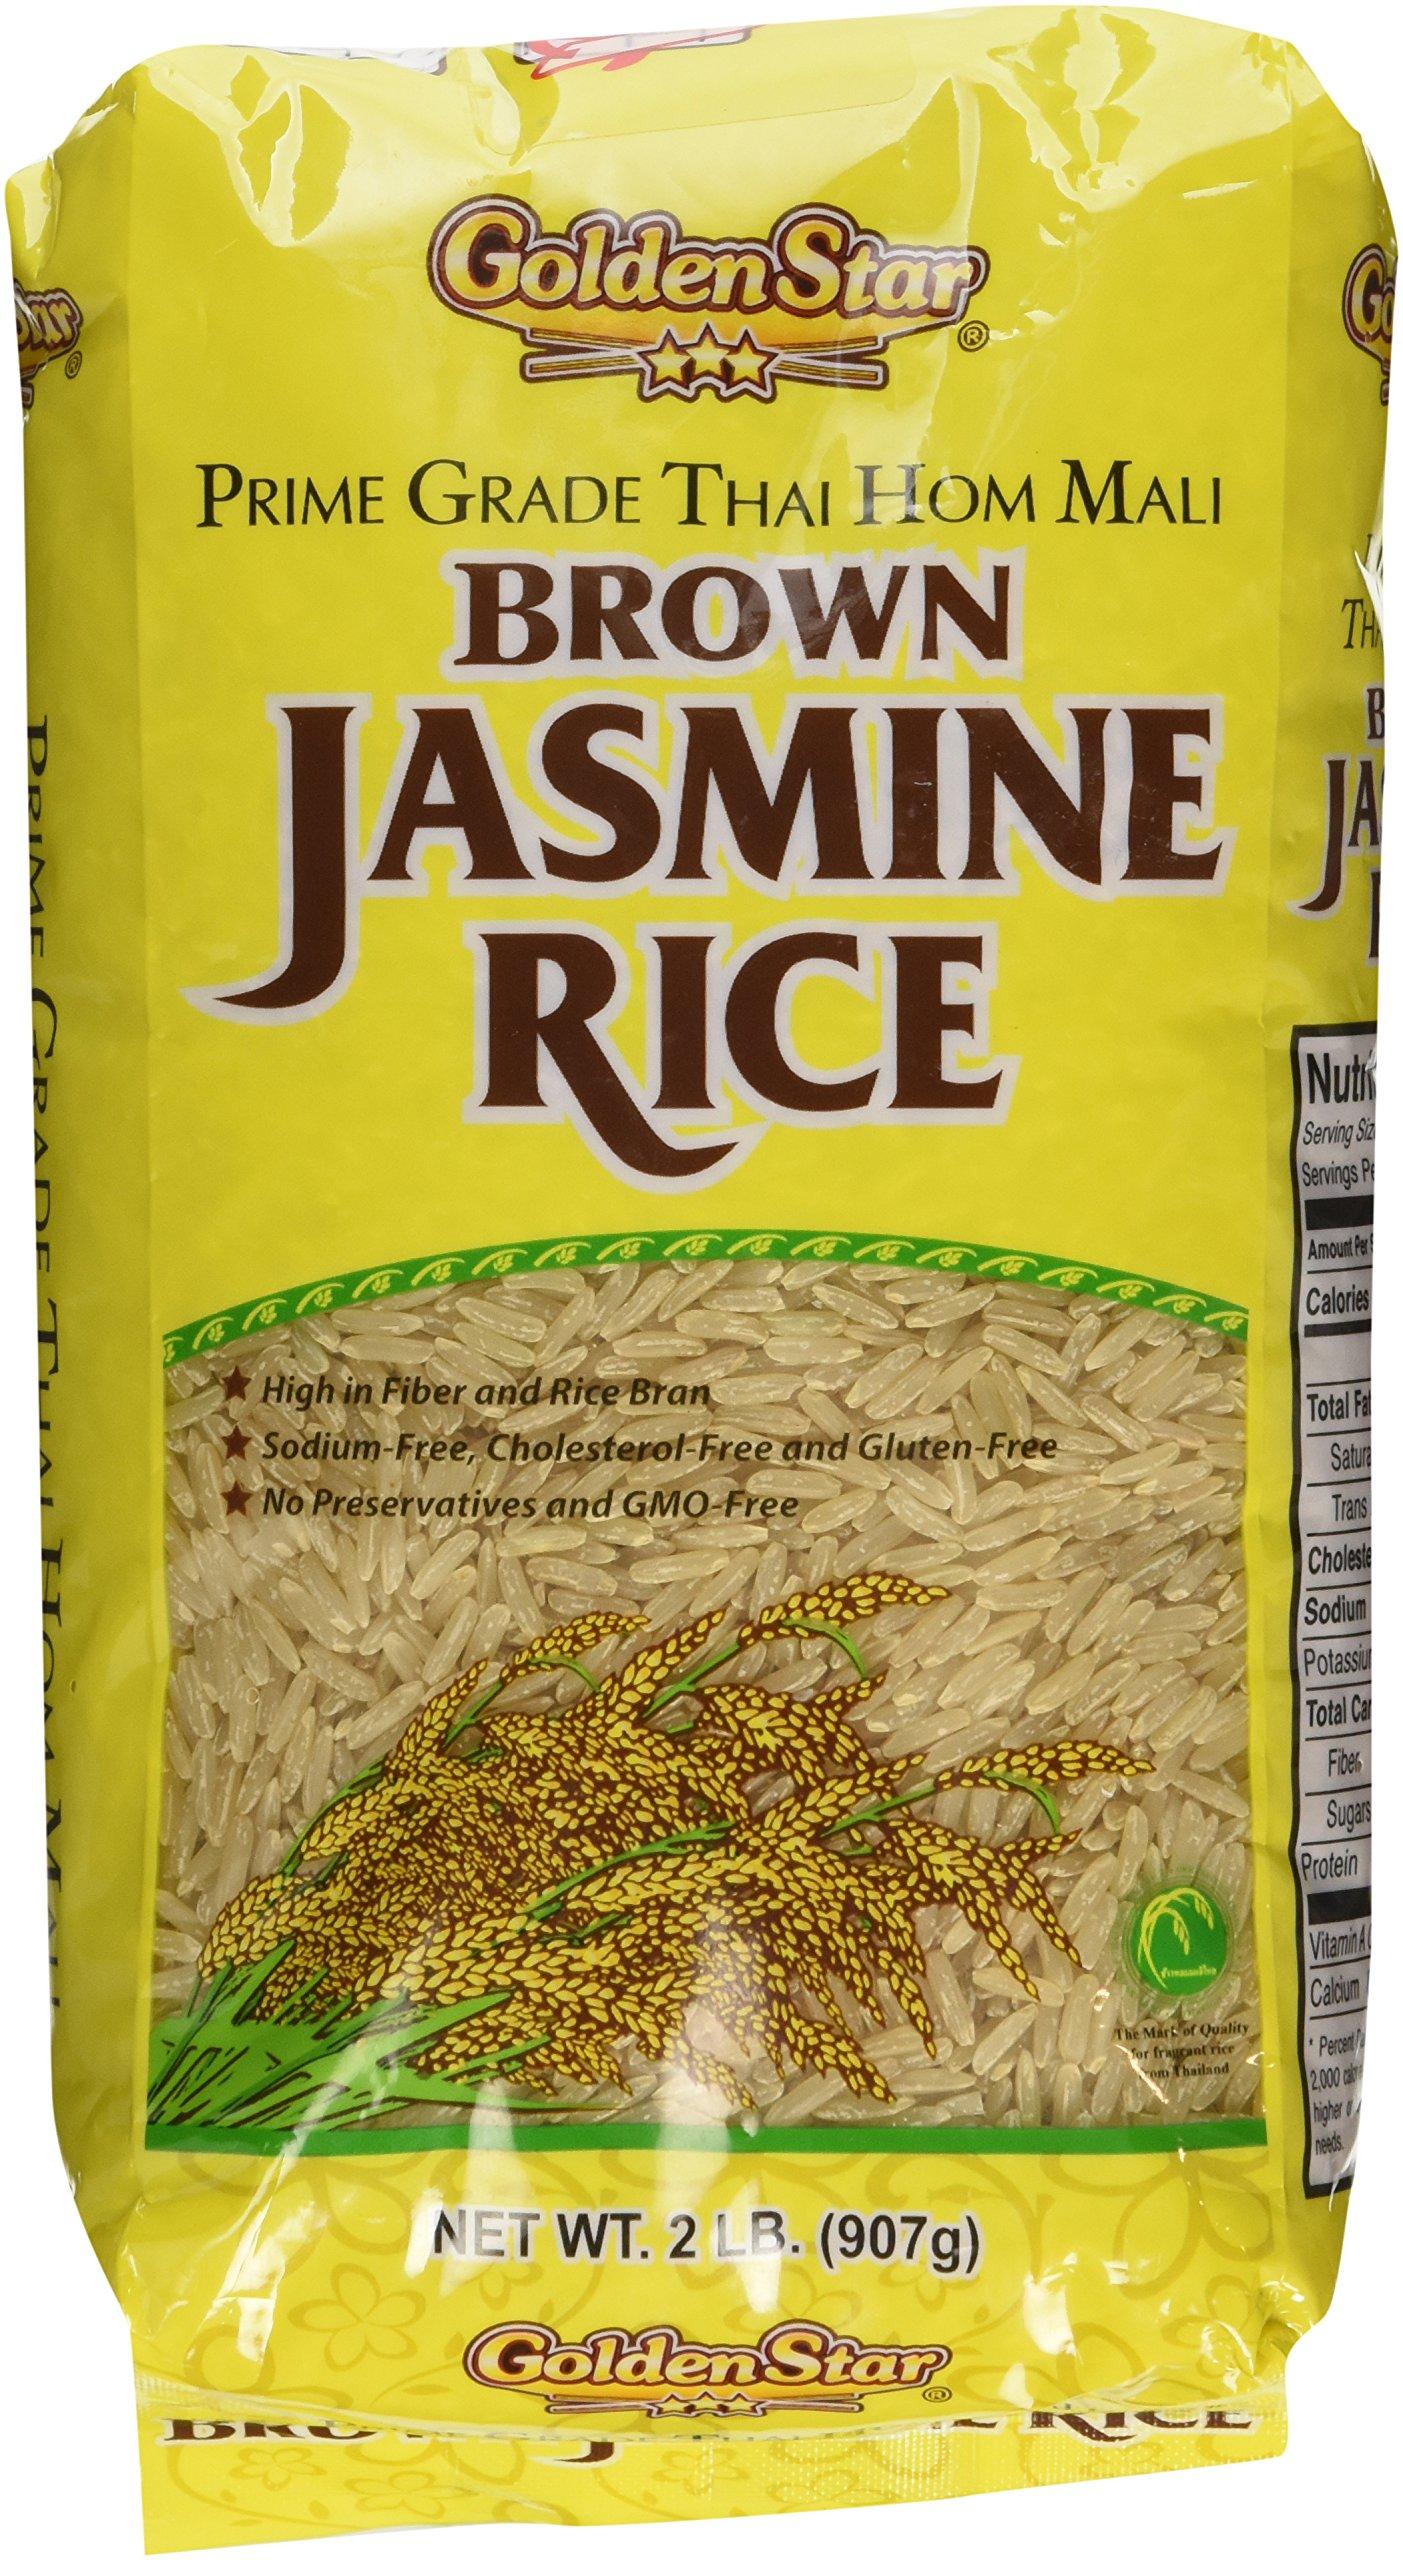 Golden Star Prime Grade Hom Mali Jasmine Rice 2 LB. by GoldenStar